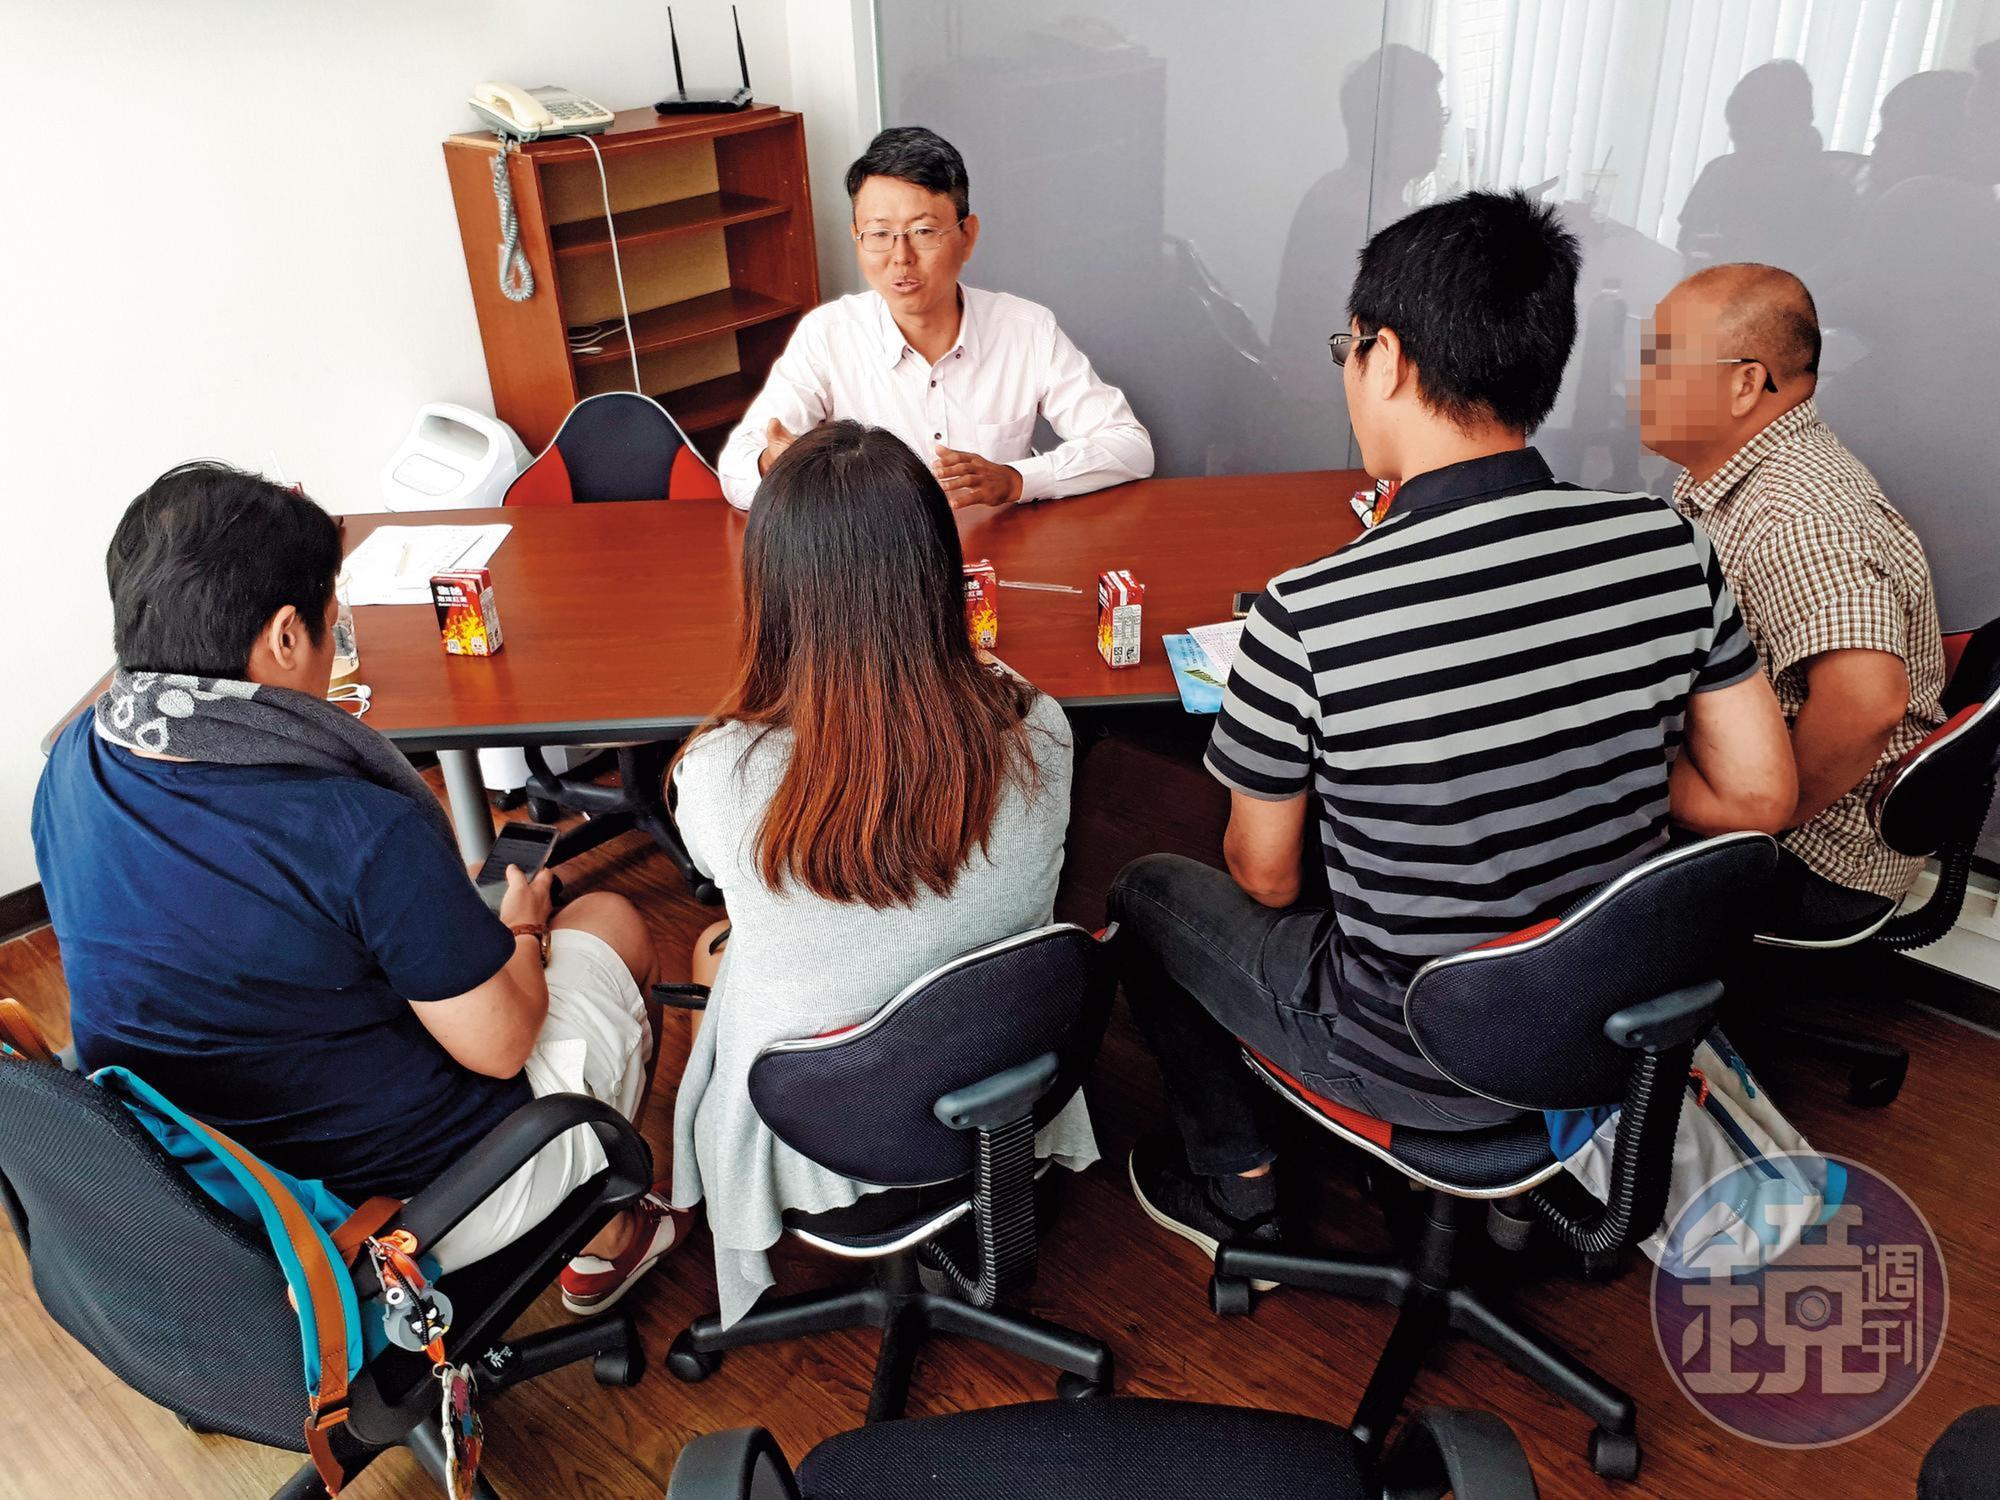 多名集資買房的民眾不滿帥過頭擺爛不善後,日前找律師徐立信諮詢,準備提告。